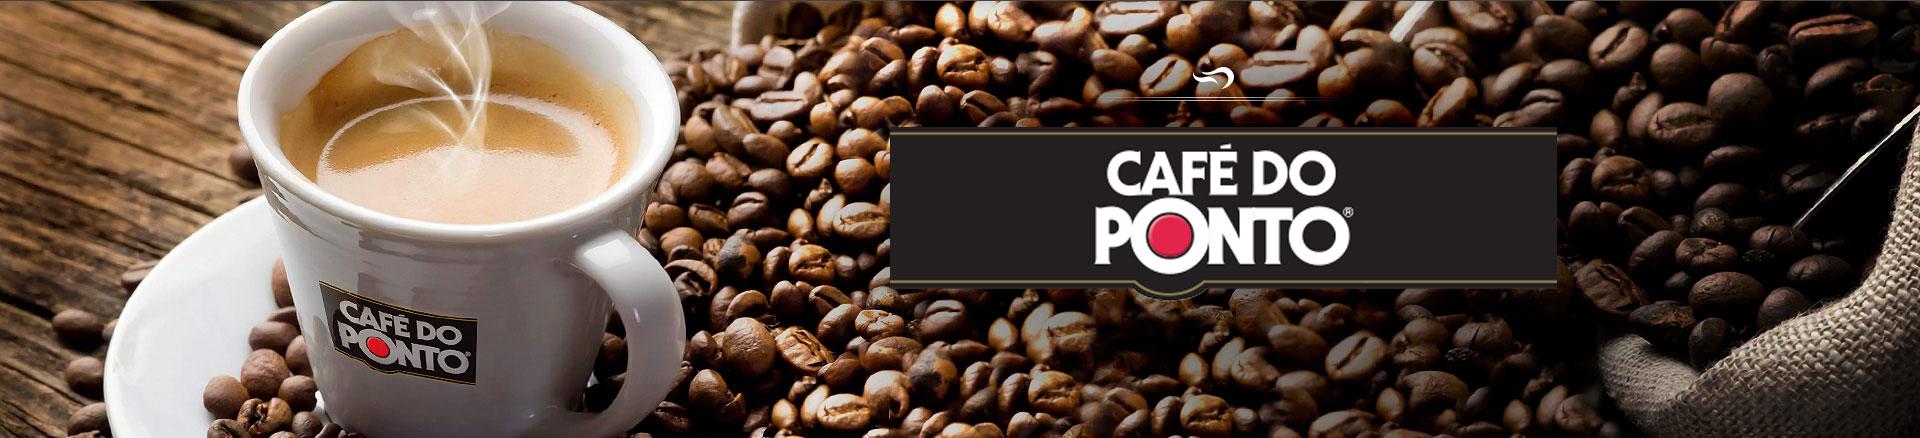 Marca Cafe do Ponto